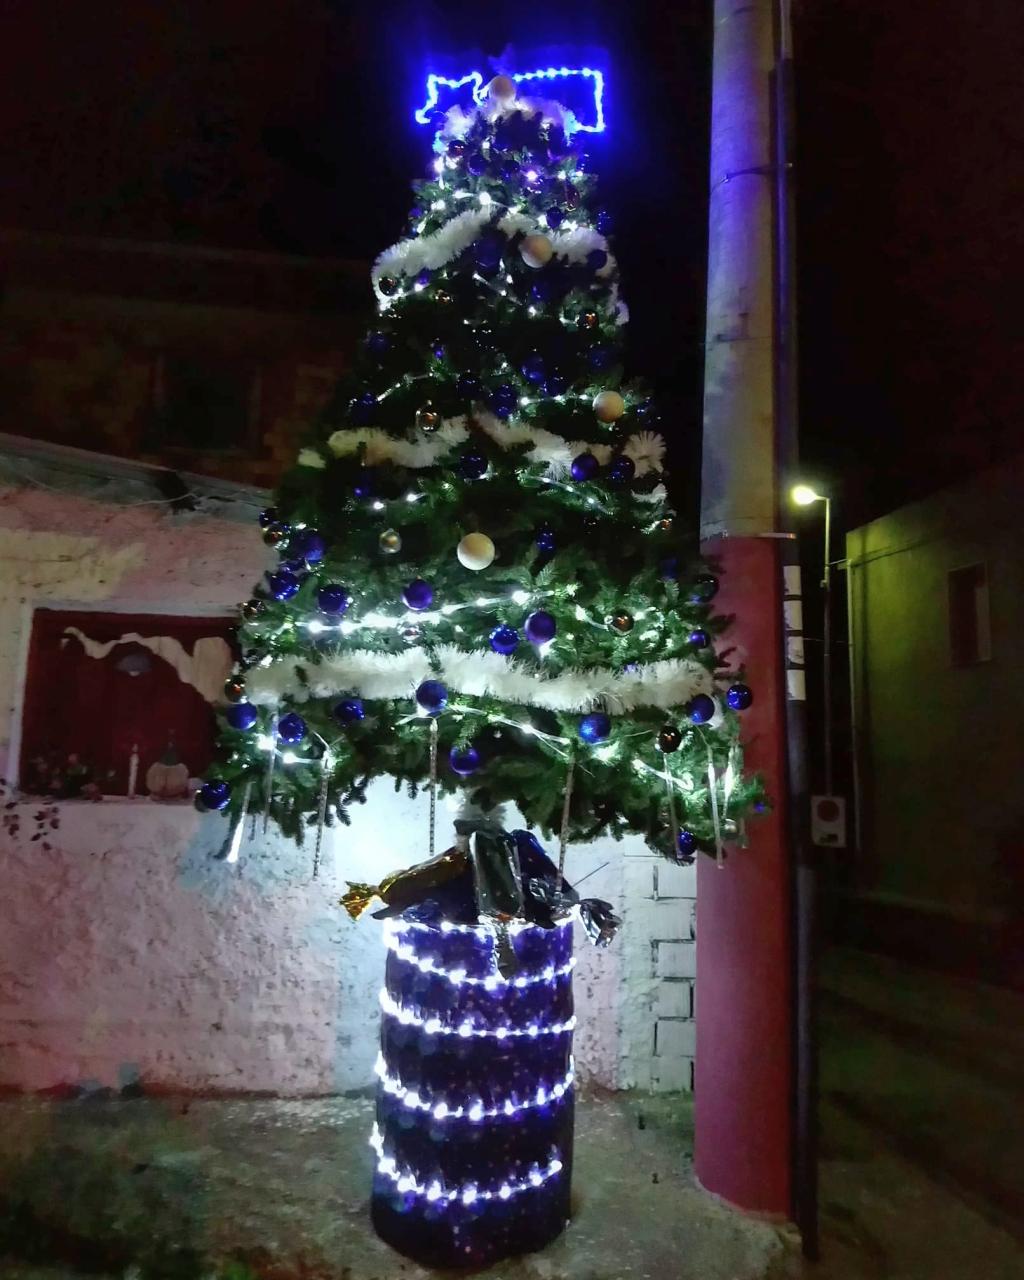 albero di Natale a Campoli (Reggio Calabria)  - foto di Pasquale Campolo